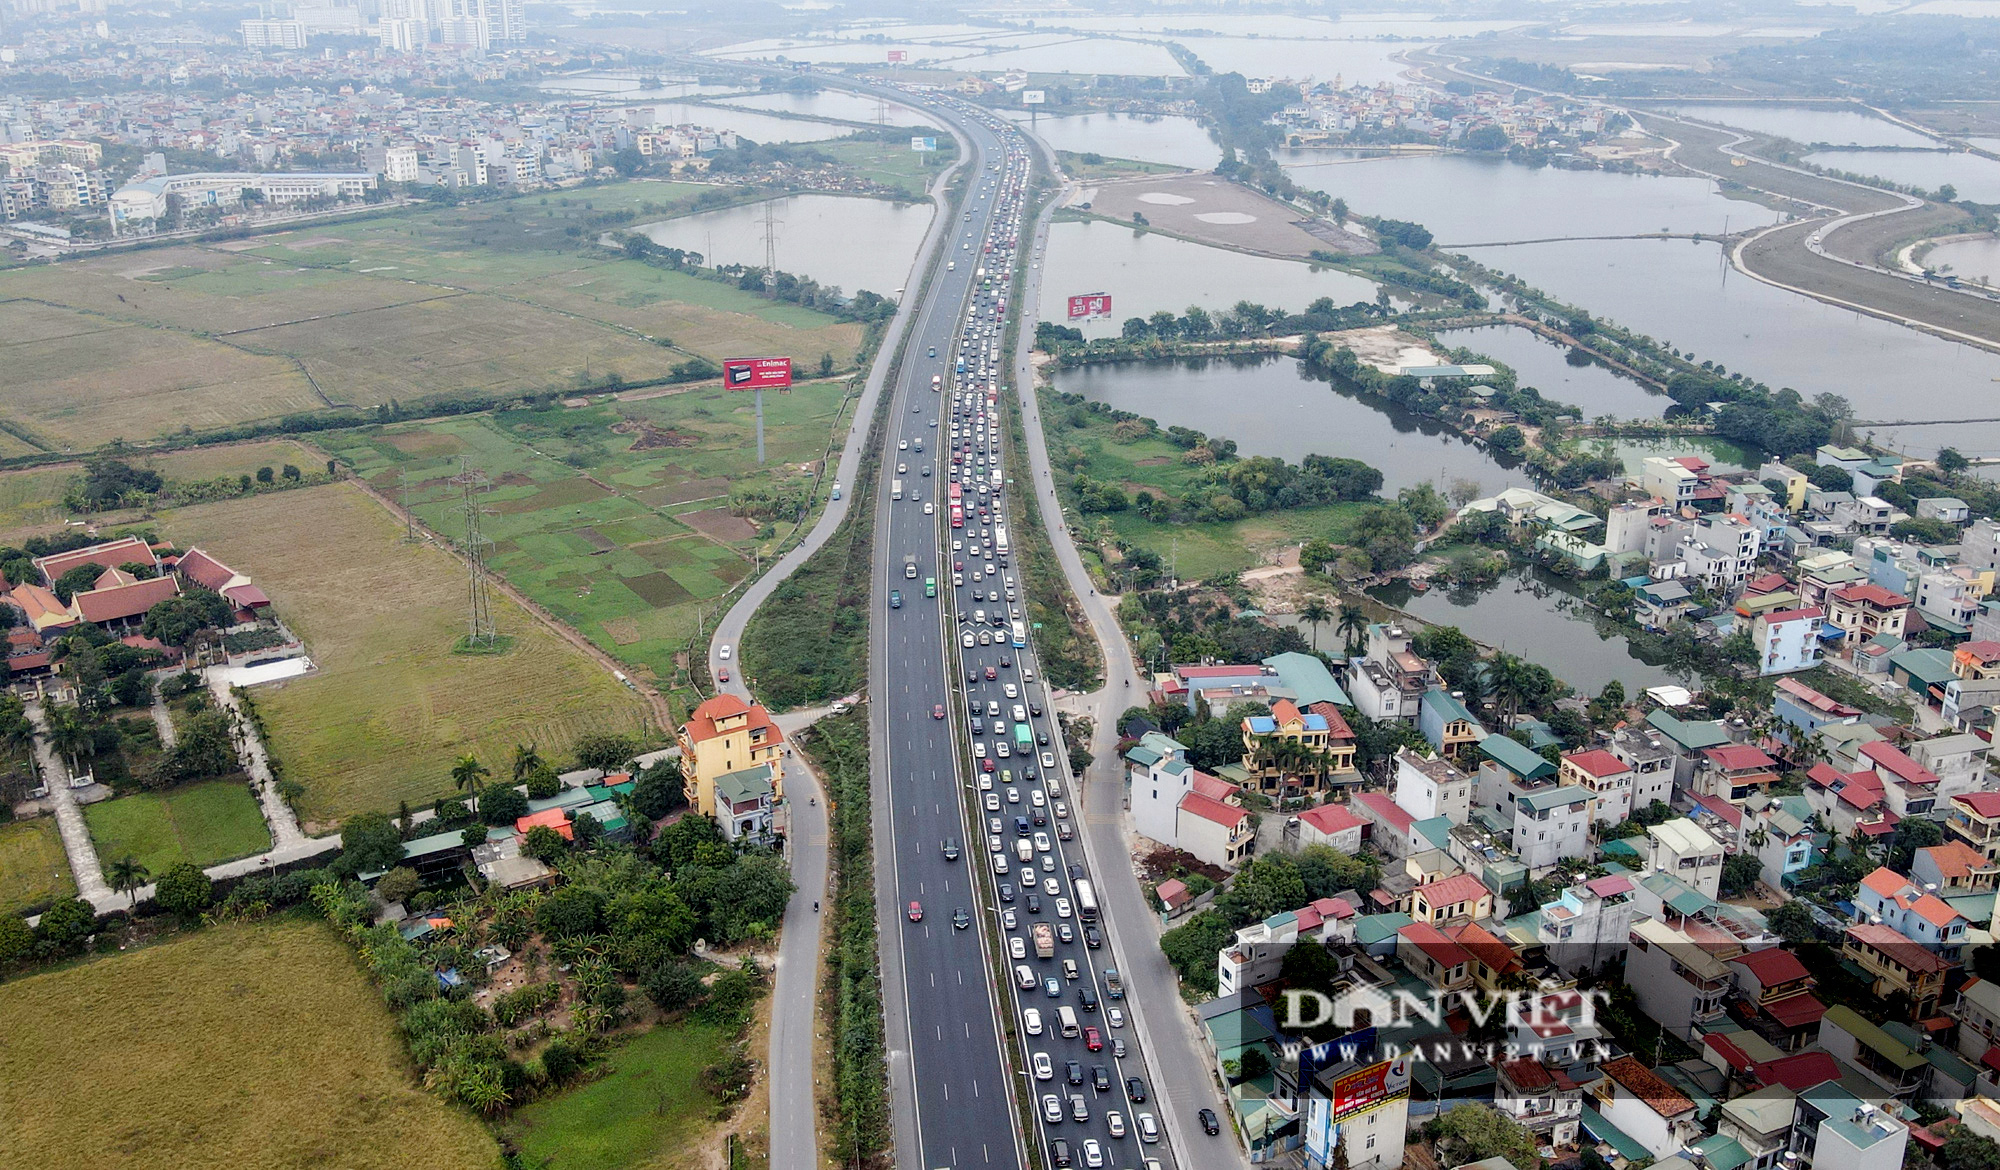 Người dân ùn ùn trở lại Thủ đô sau Tết Dương lịch, cửa ngõ ùn tắc gần 10 km - Ảnh 2.